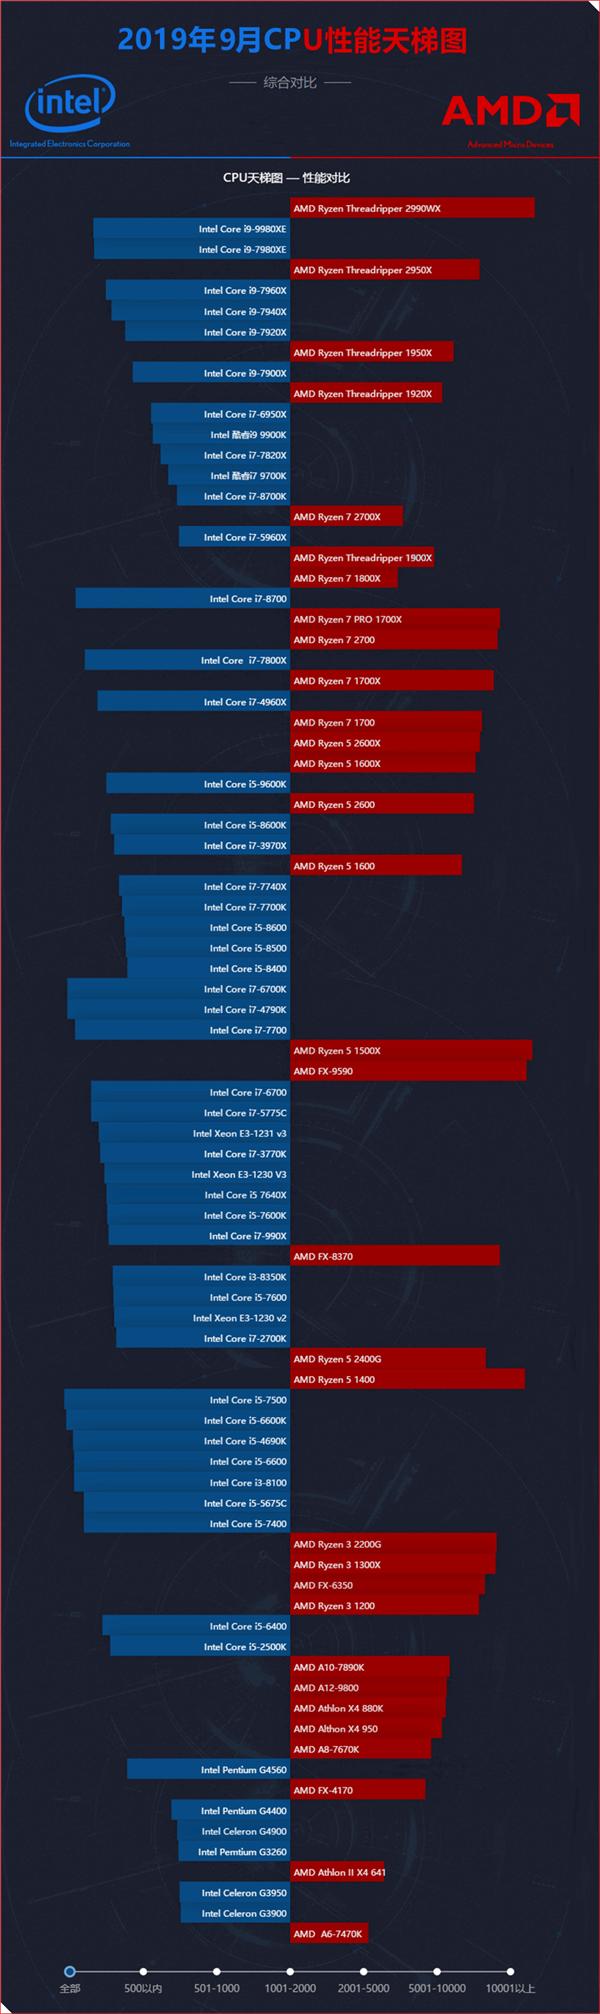 2019年9月CPU性能天梯图参考版